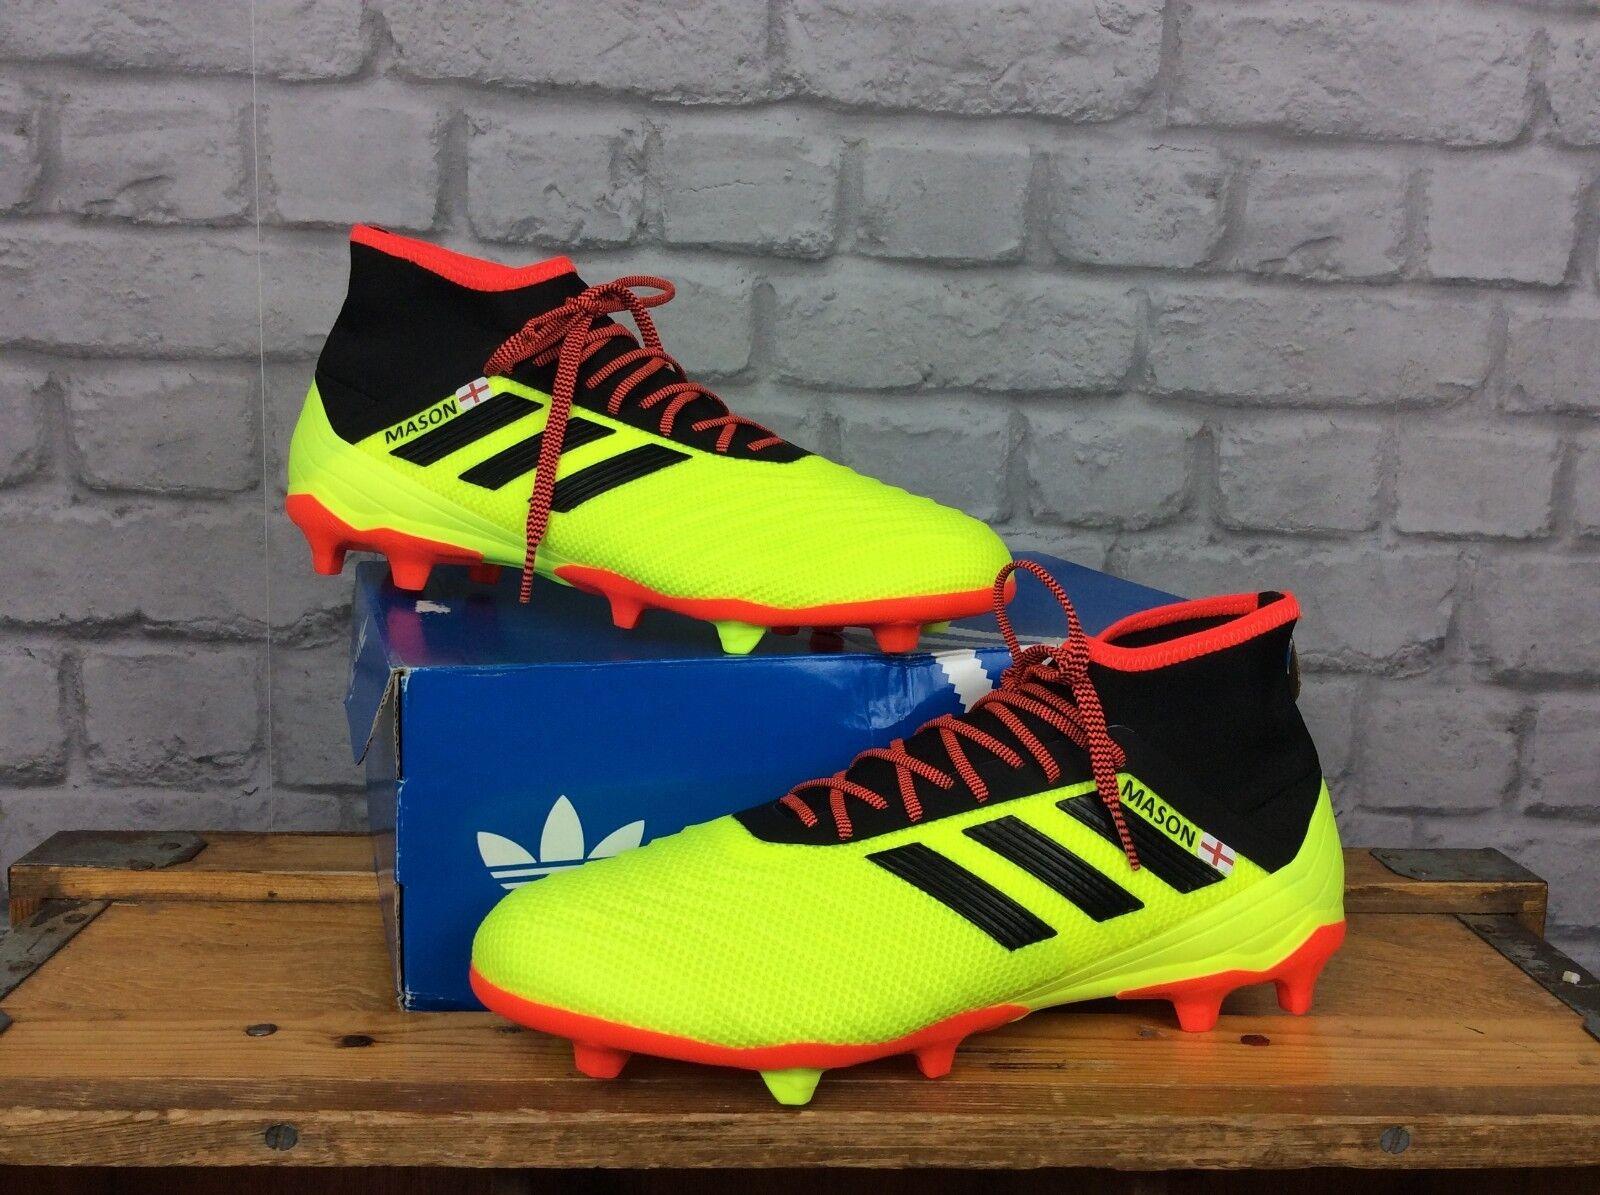 Adidas Para Hombre 9 UE 43 1 3 18.2 FG botas De Fútbol Rojo Negro Amarillo Personalizado